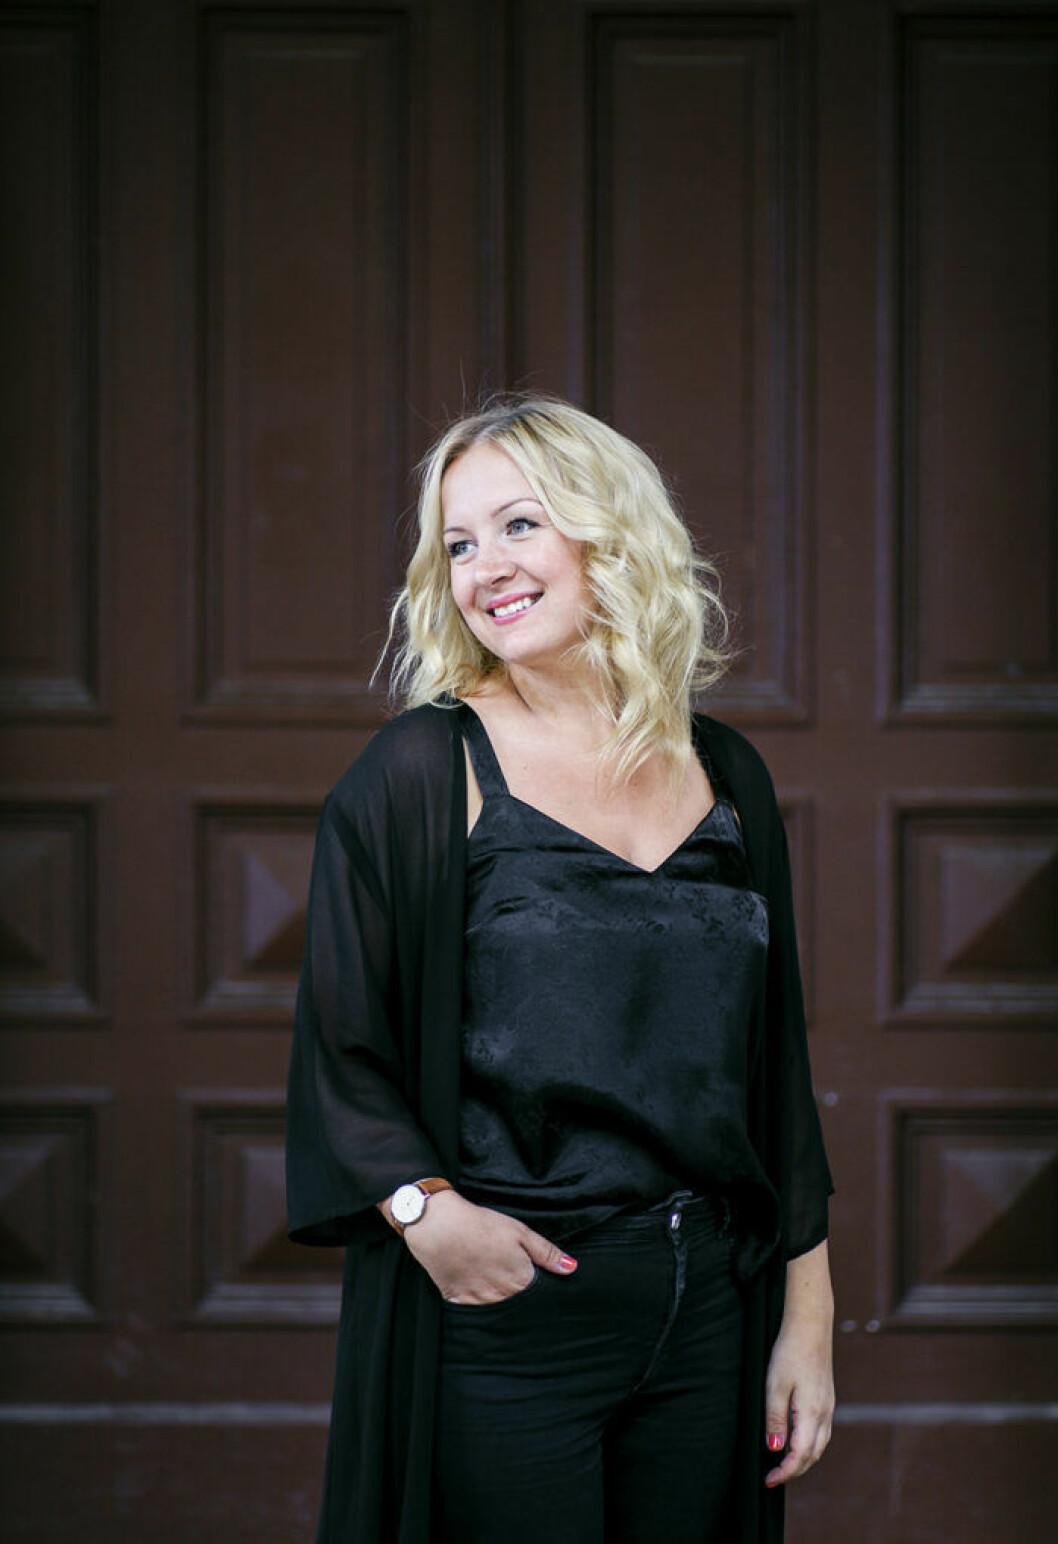 Mirelle Stoor, vinnare av Årets influencer 2019.